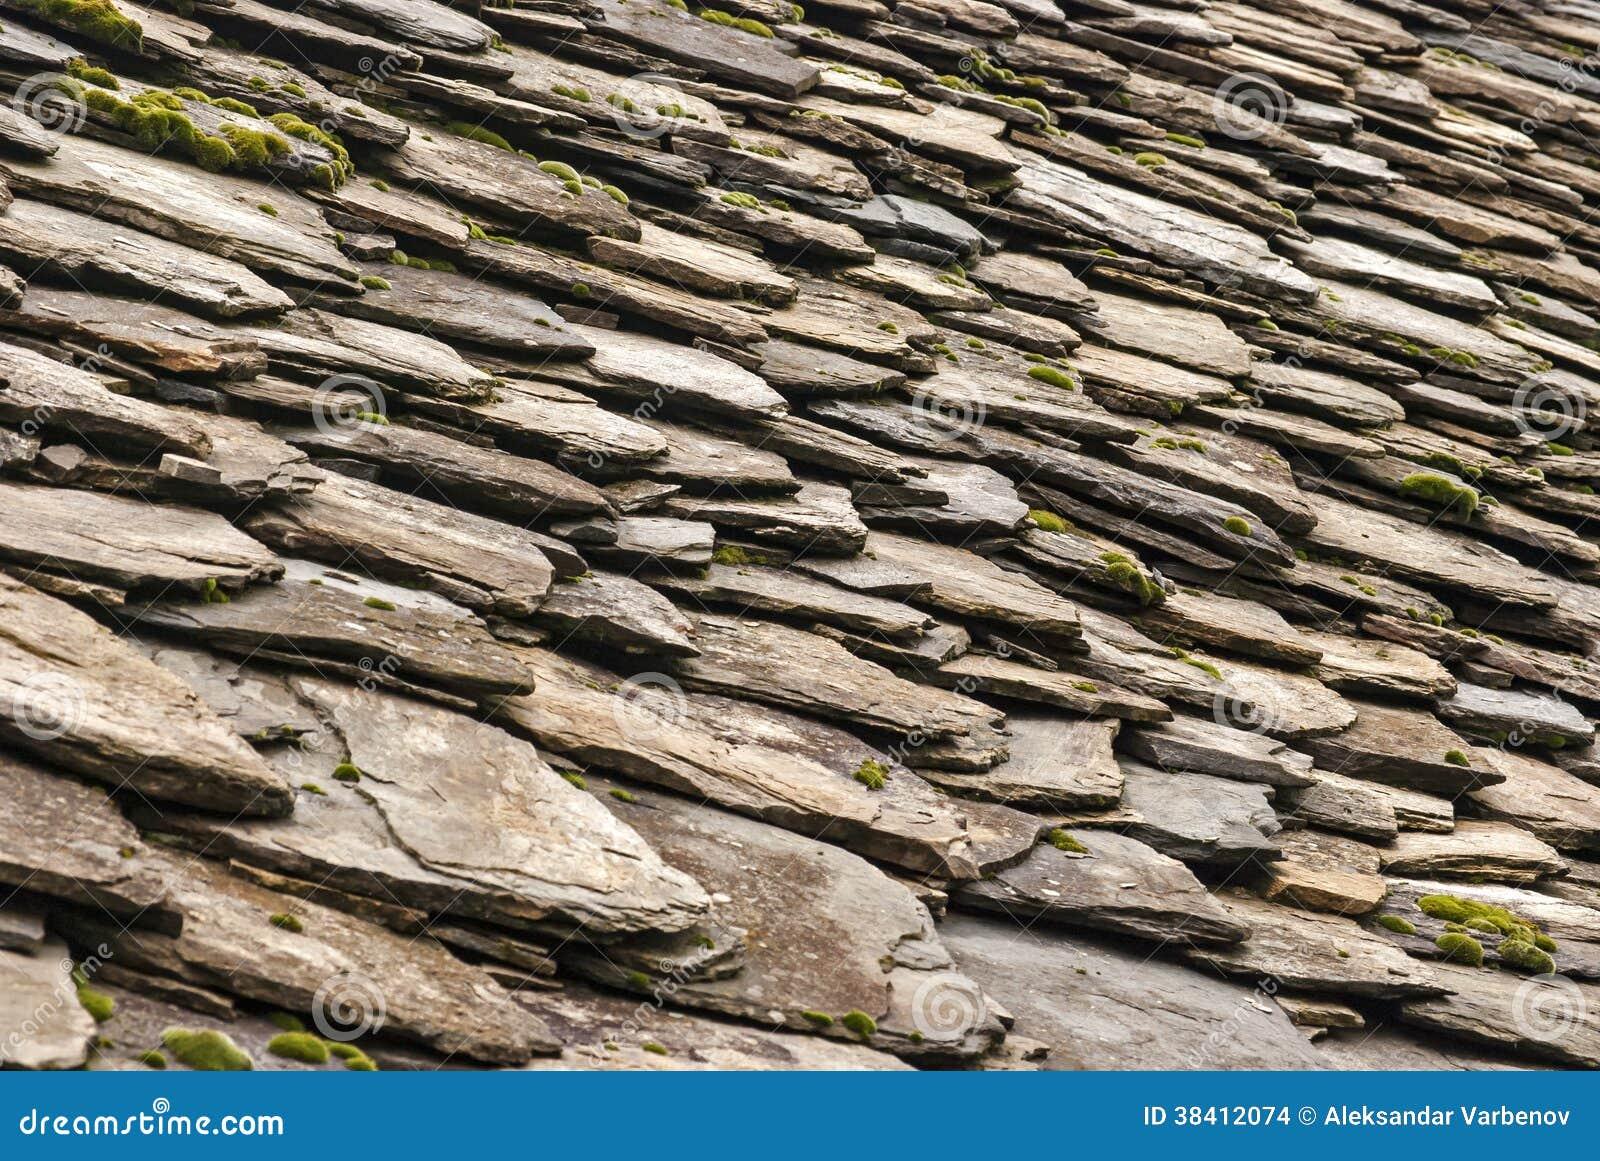 tuiles en pierre de maison d 39 ardoise toit photo stock image du village detail 38412074. Black Bedroom Furniture Sets. Home Design Ideas